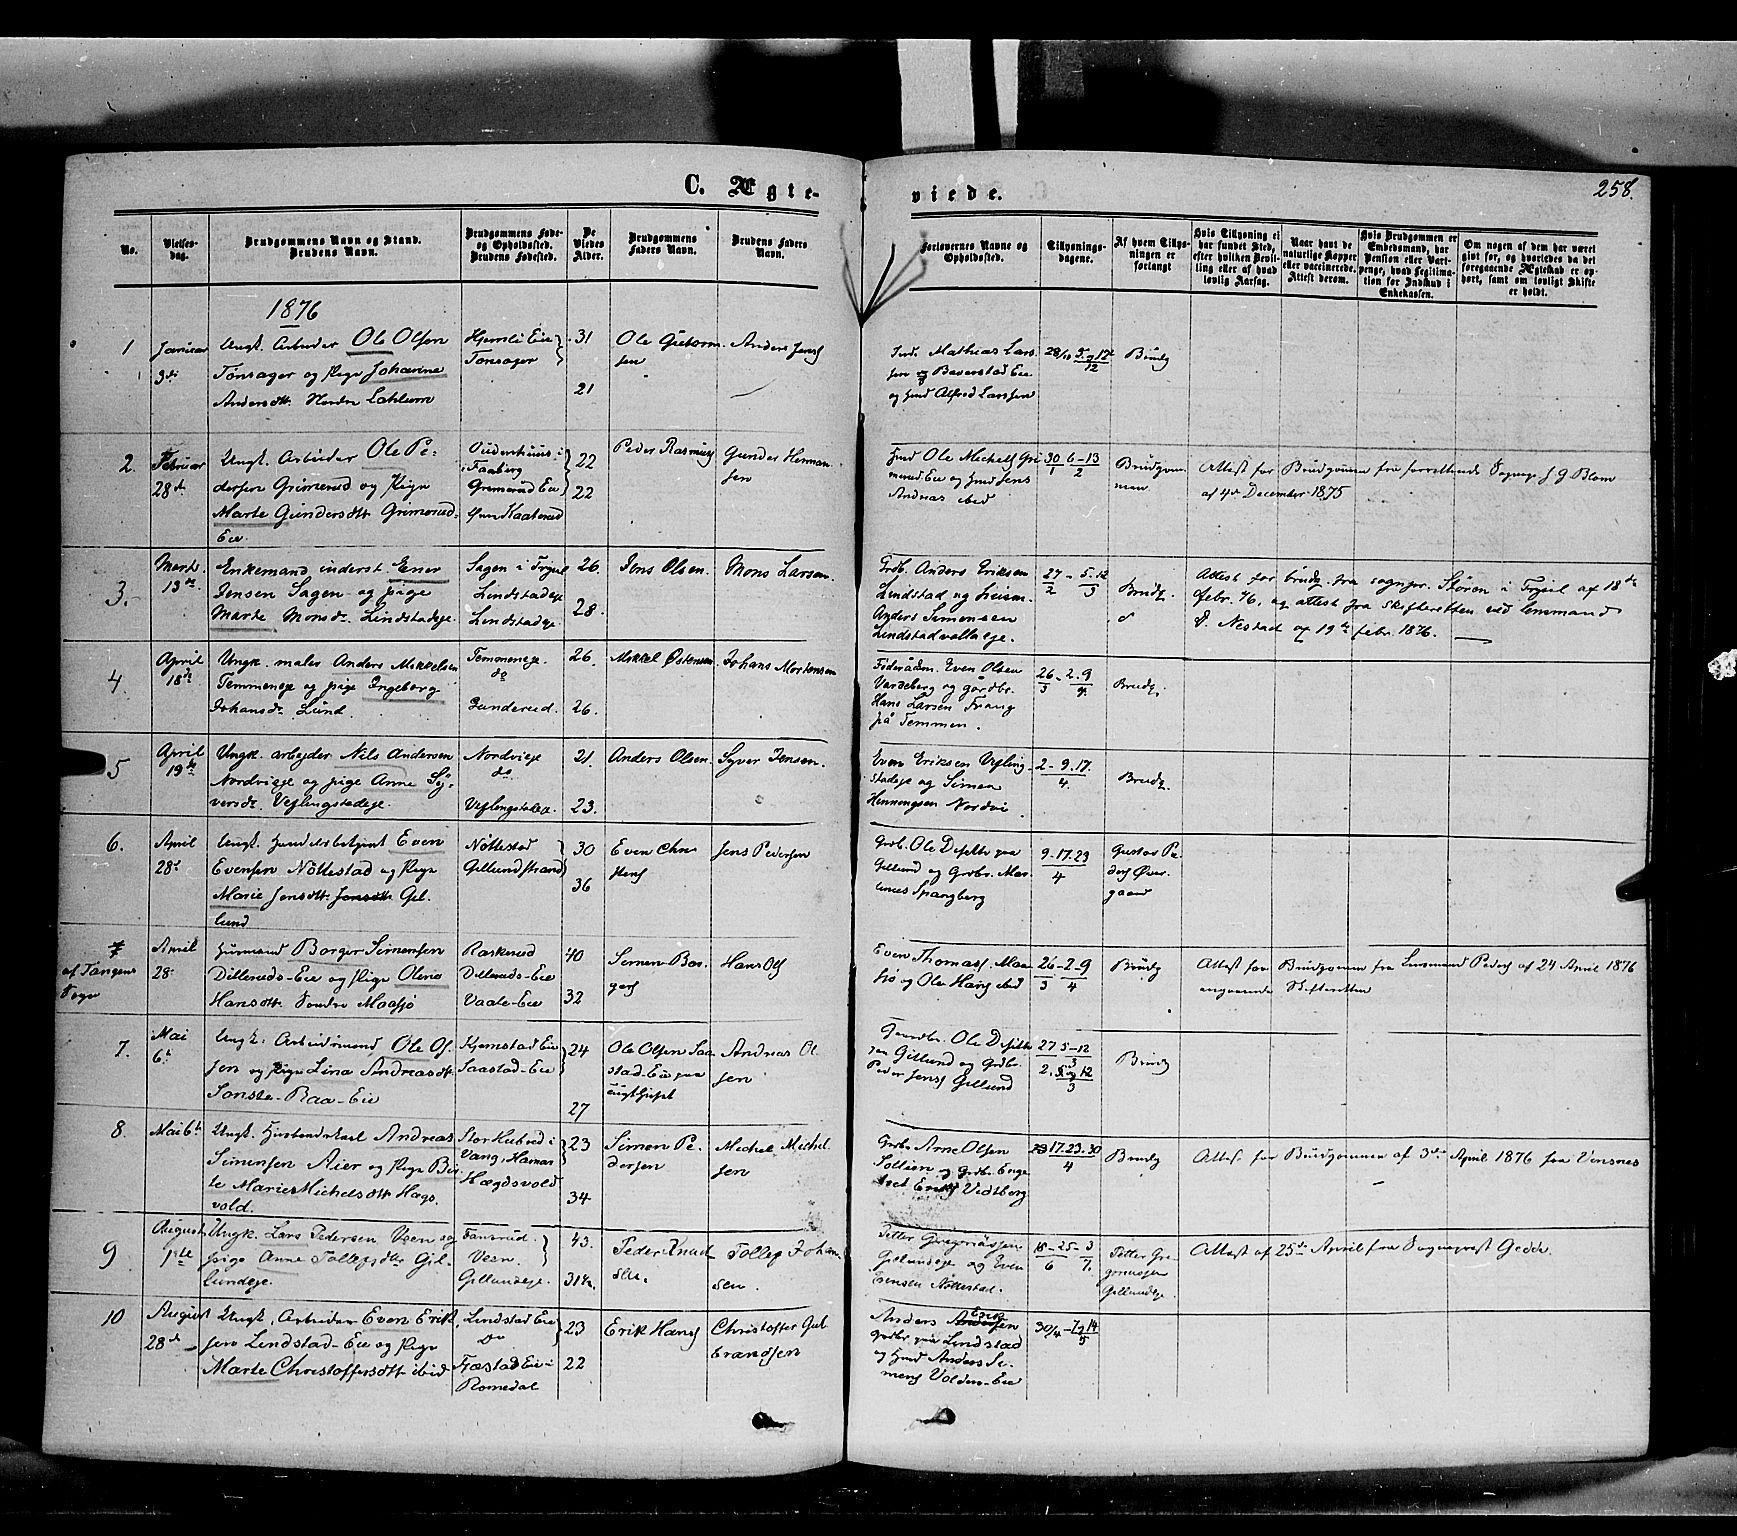 SAH, Stange prestekontor, K/L0013: Parish register (official) no. 13, 1862-1879, p. 258